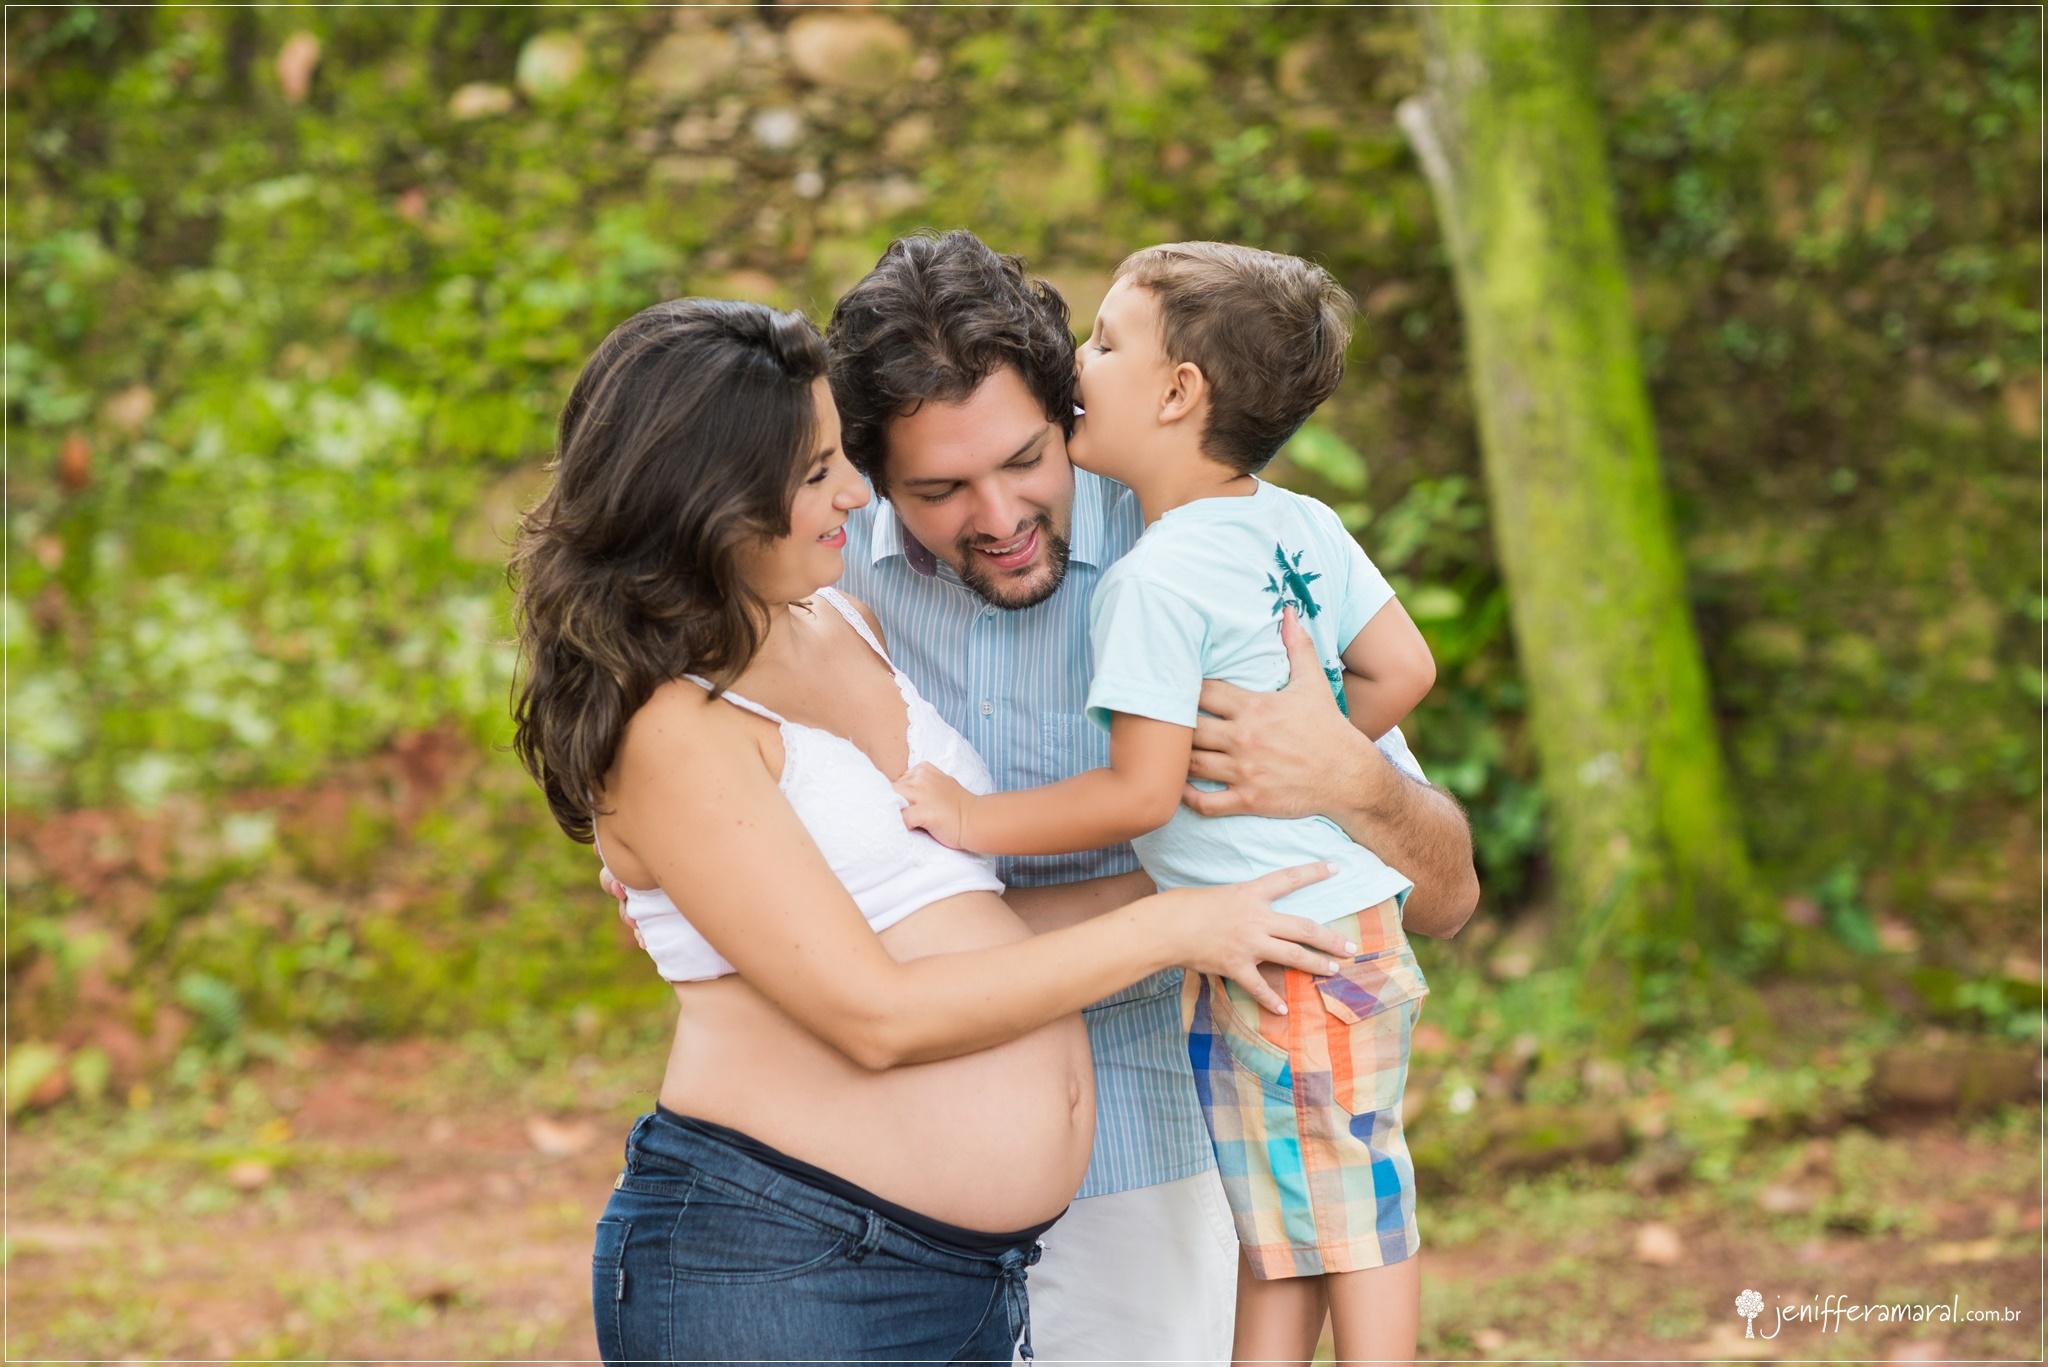 { Somos pais da helena e do Antonio } www.jenifferamaral.com,br